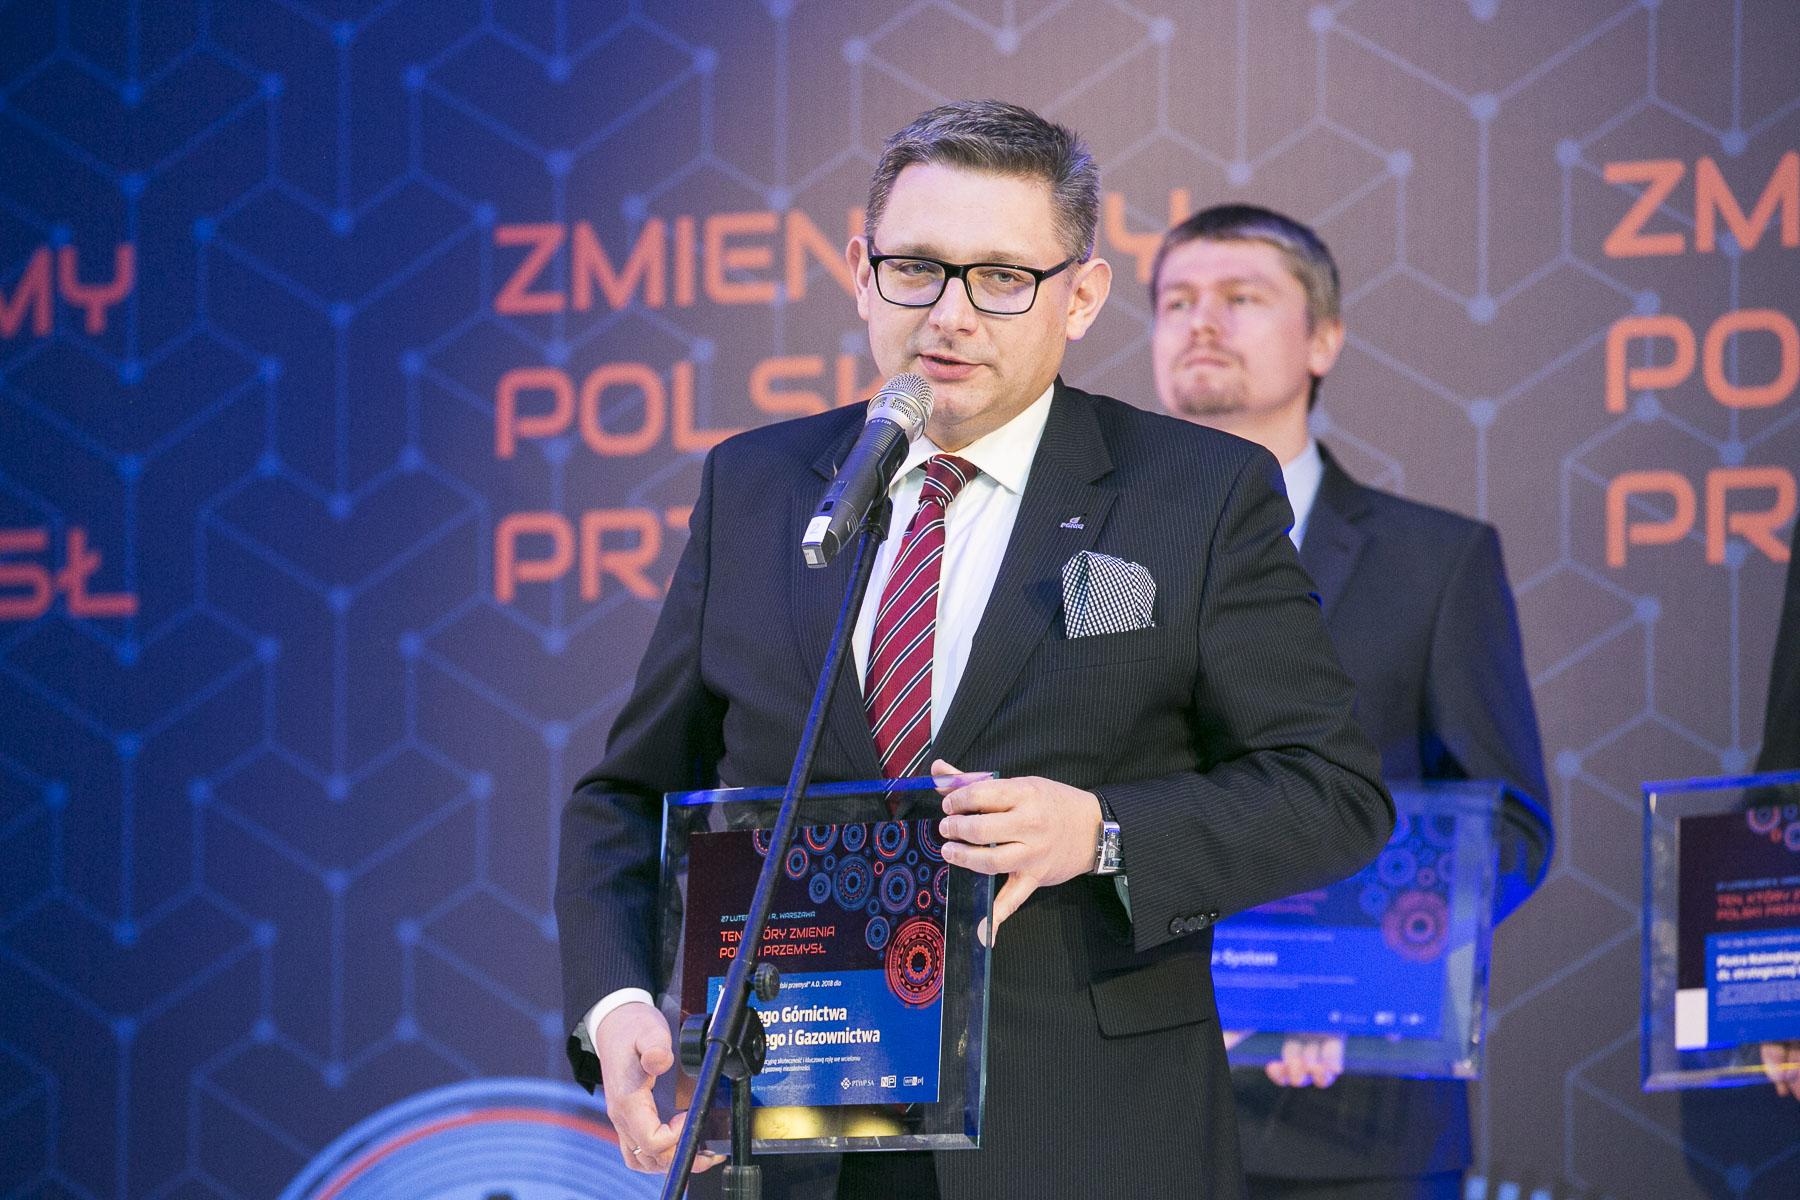 Wiceprezes PGNiG Maciej Woźniak